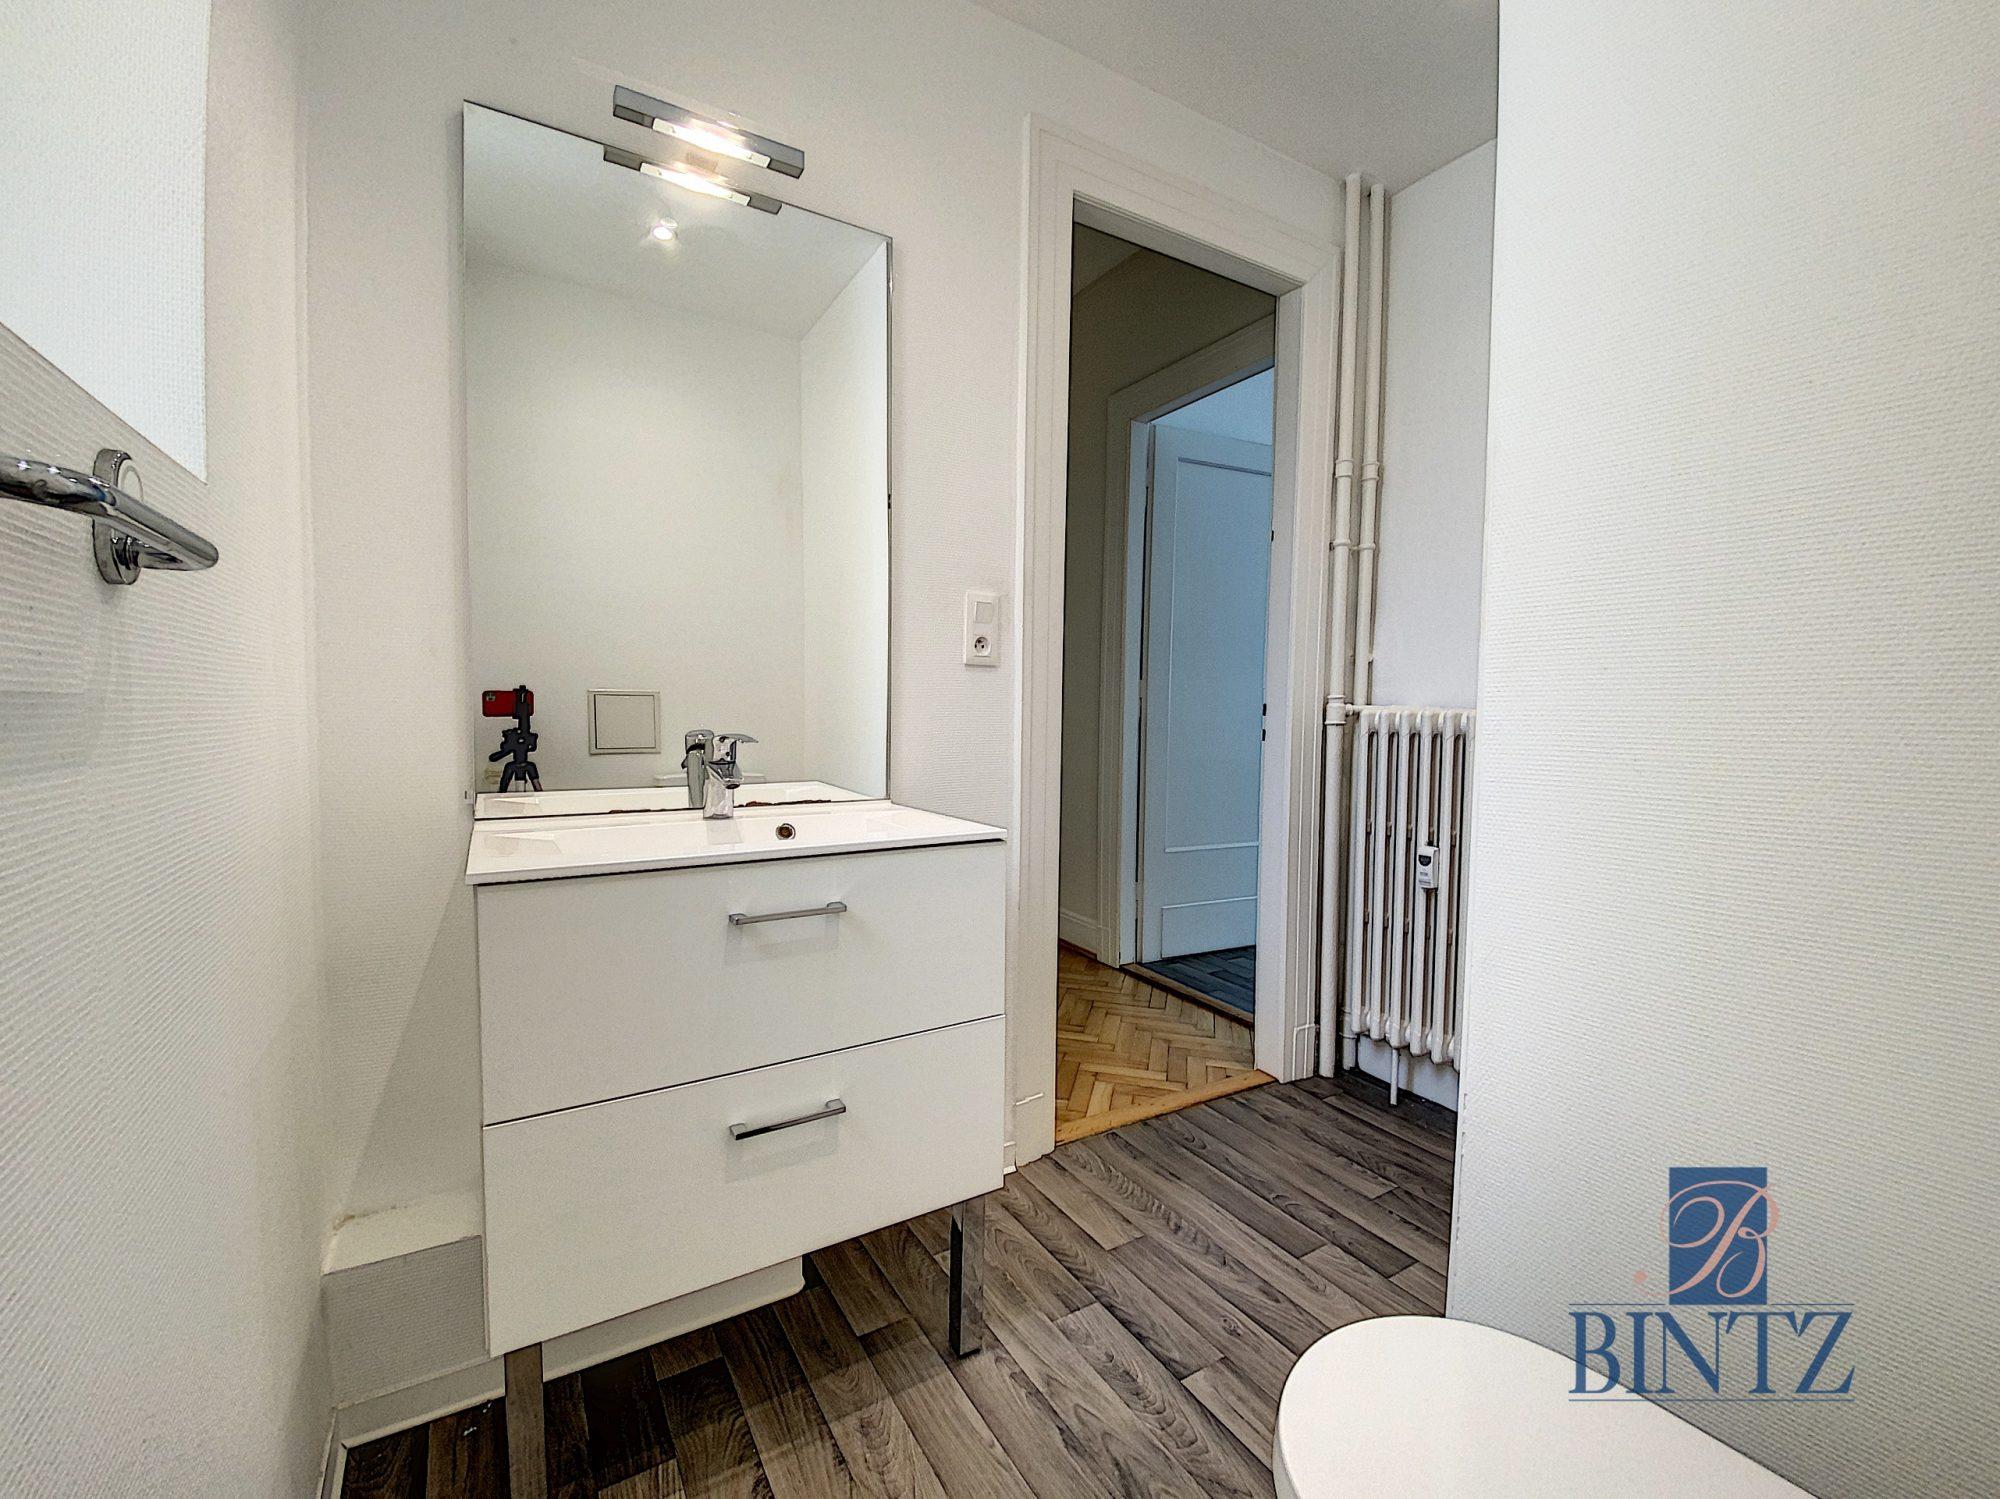 DEUX PIECES RENOVE ORANGERIE - Devenez locataire en toute sérénité - Bintz Immobilier - 4